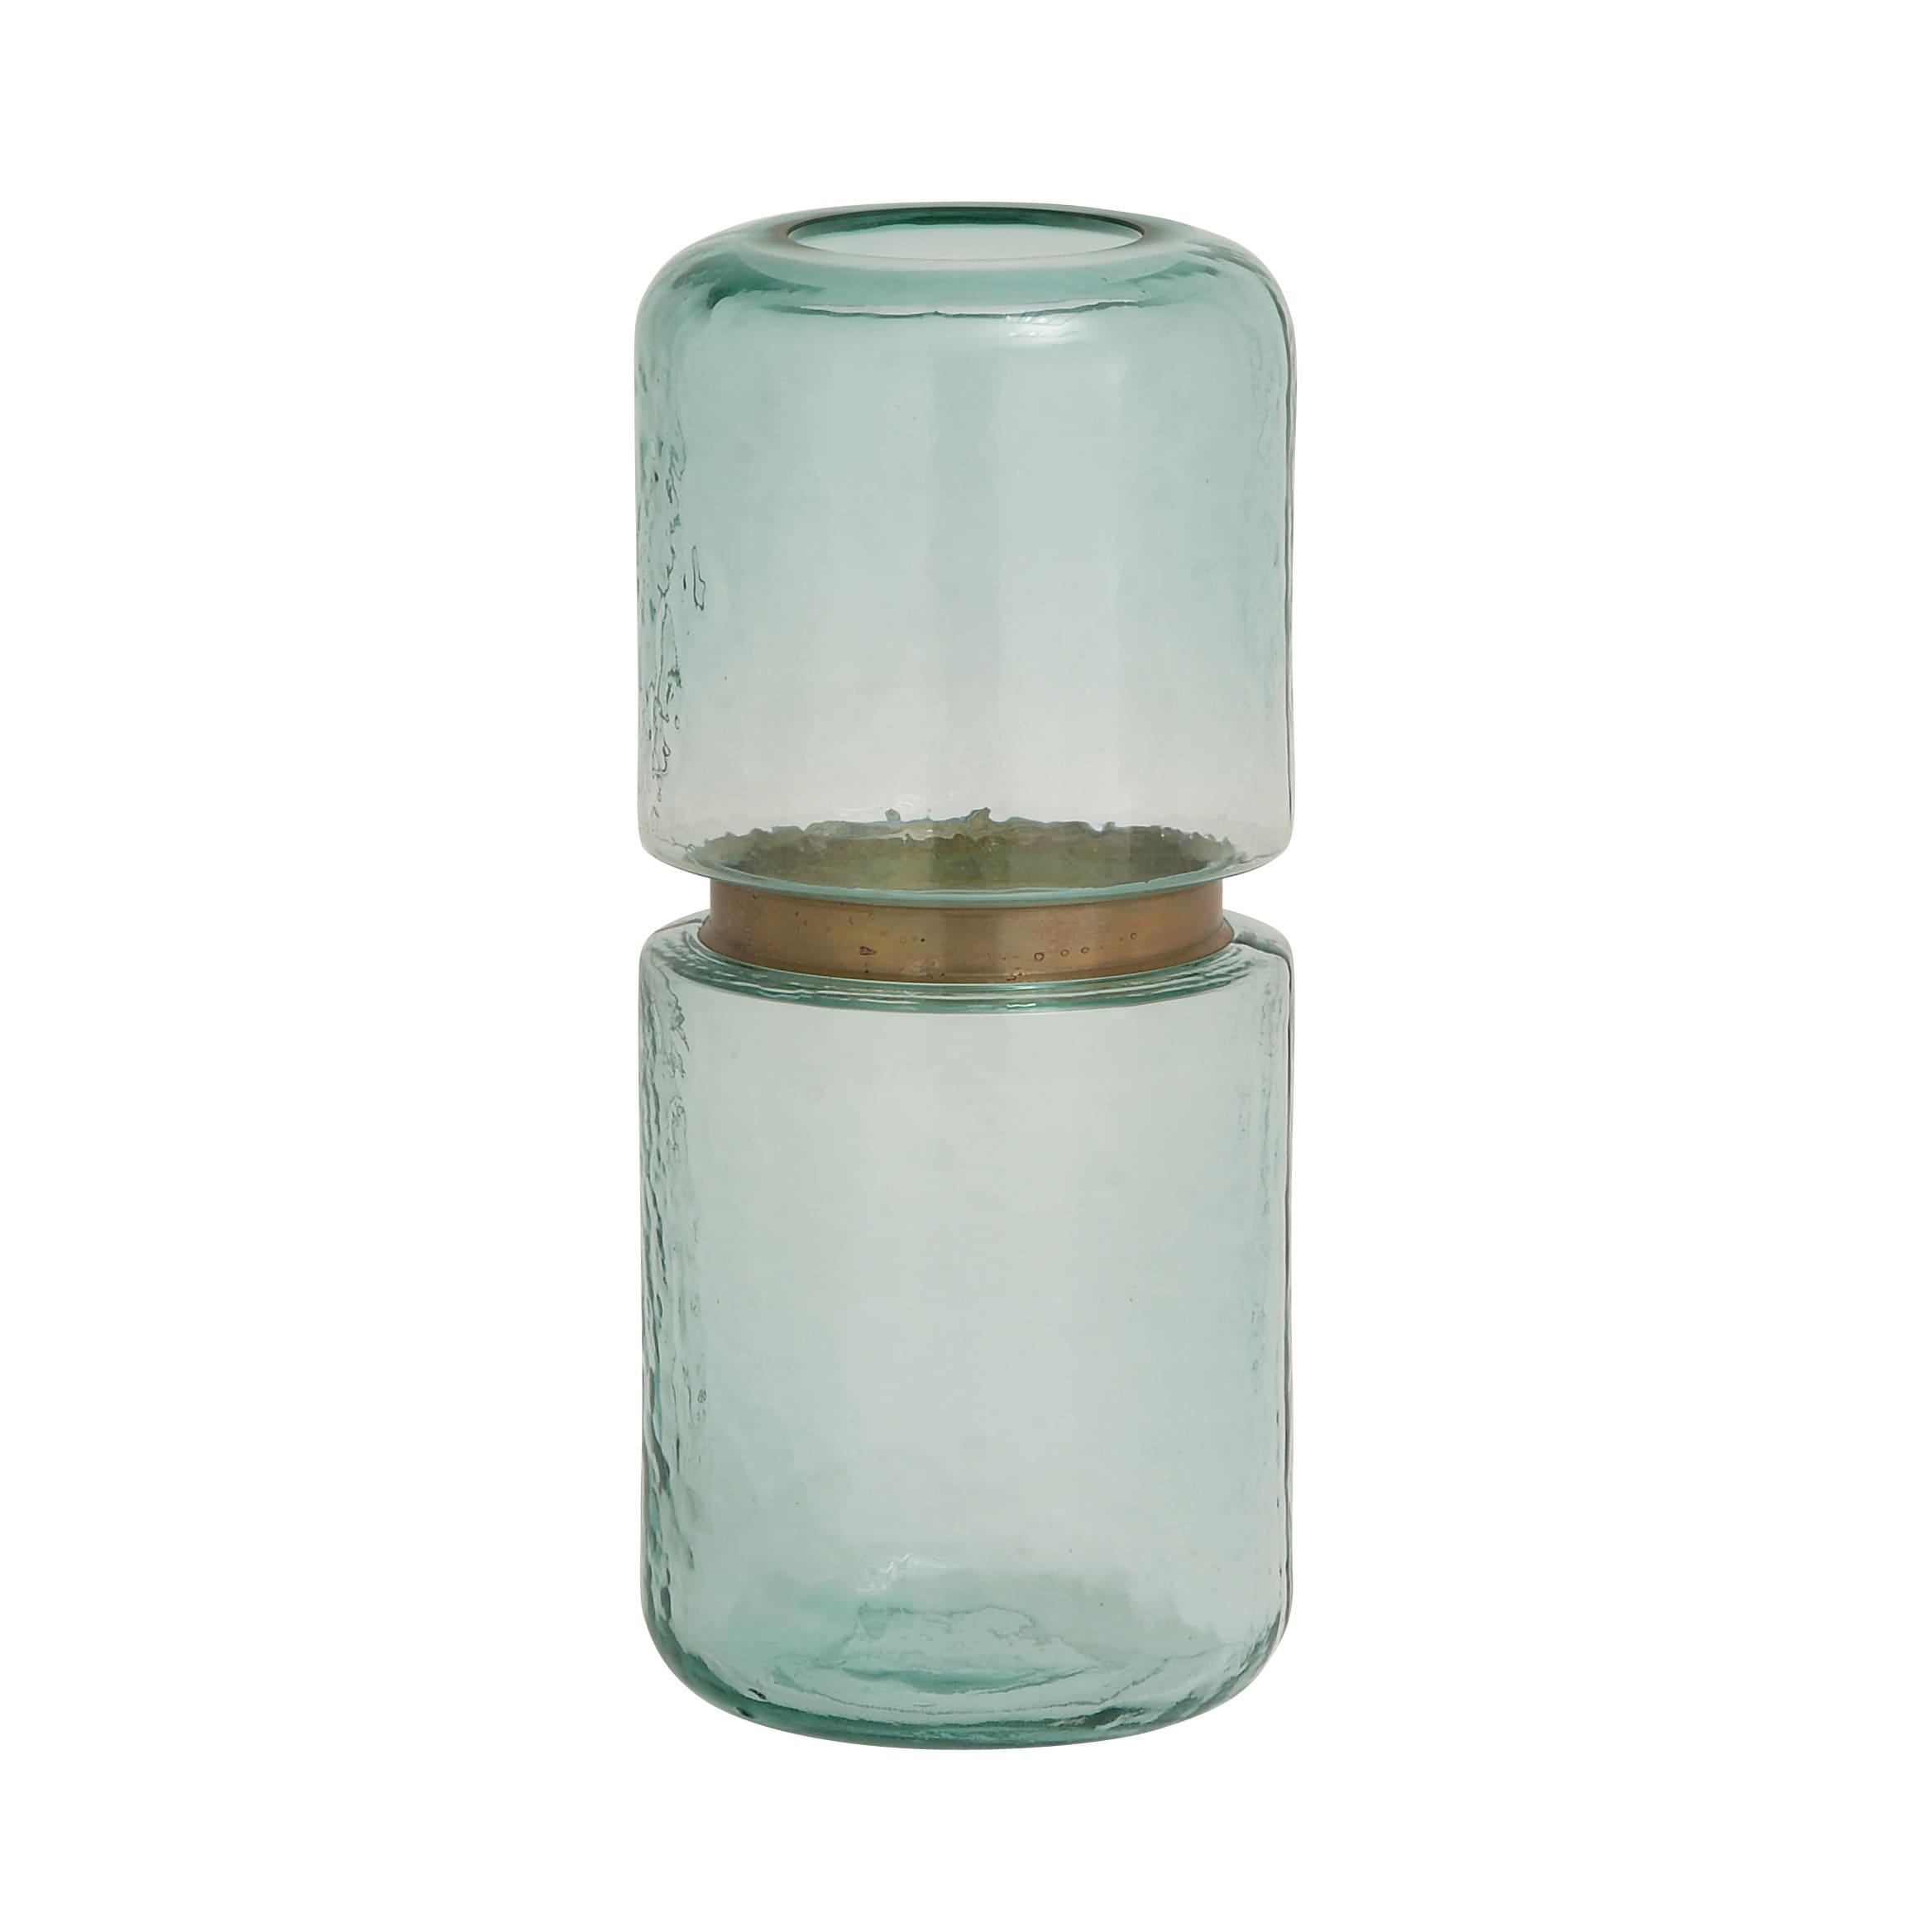 Multicolor Glass Patterned Tabletop Vase (Vase)